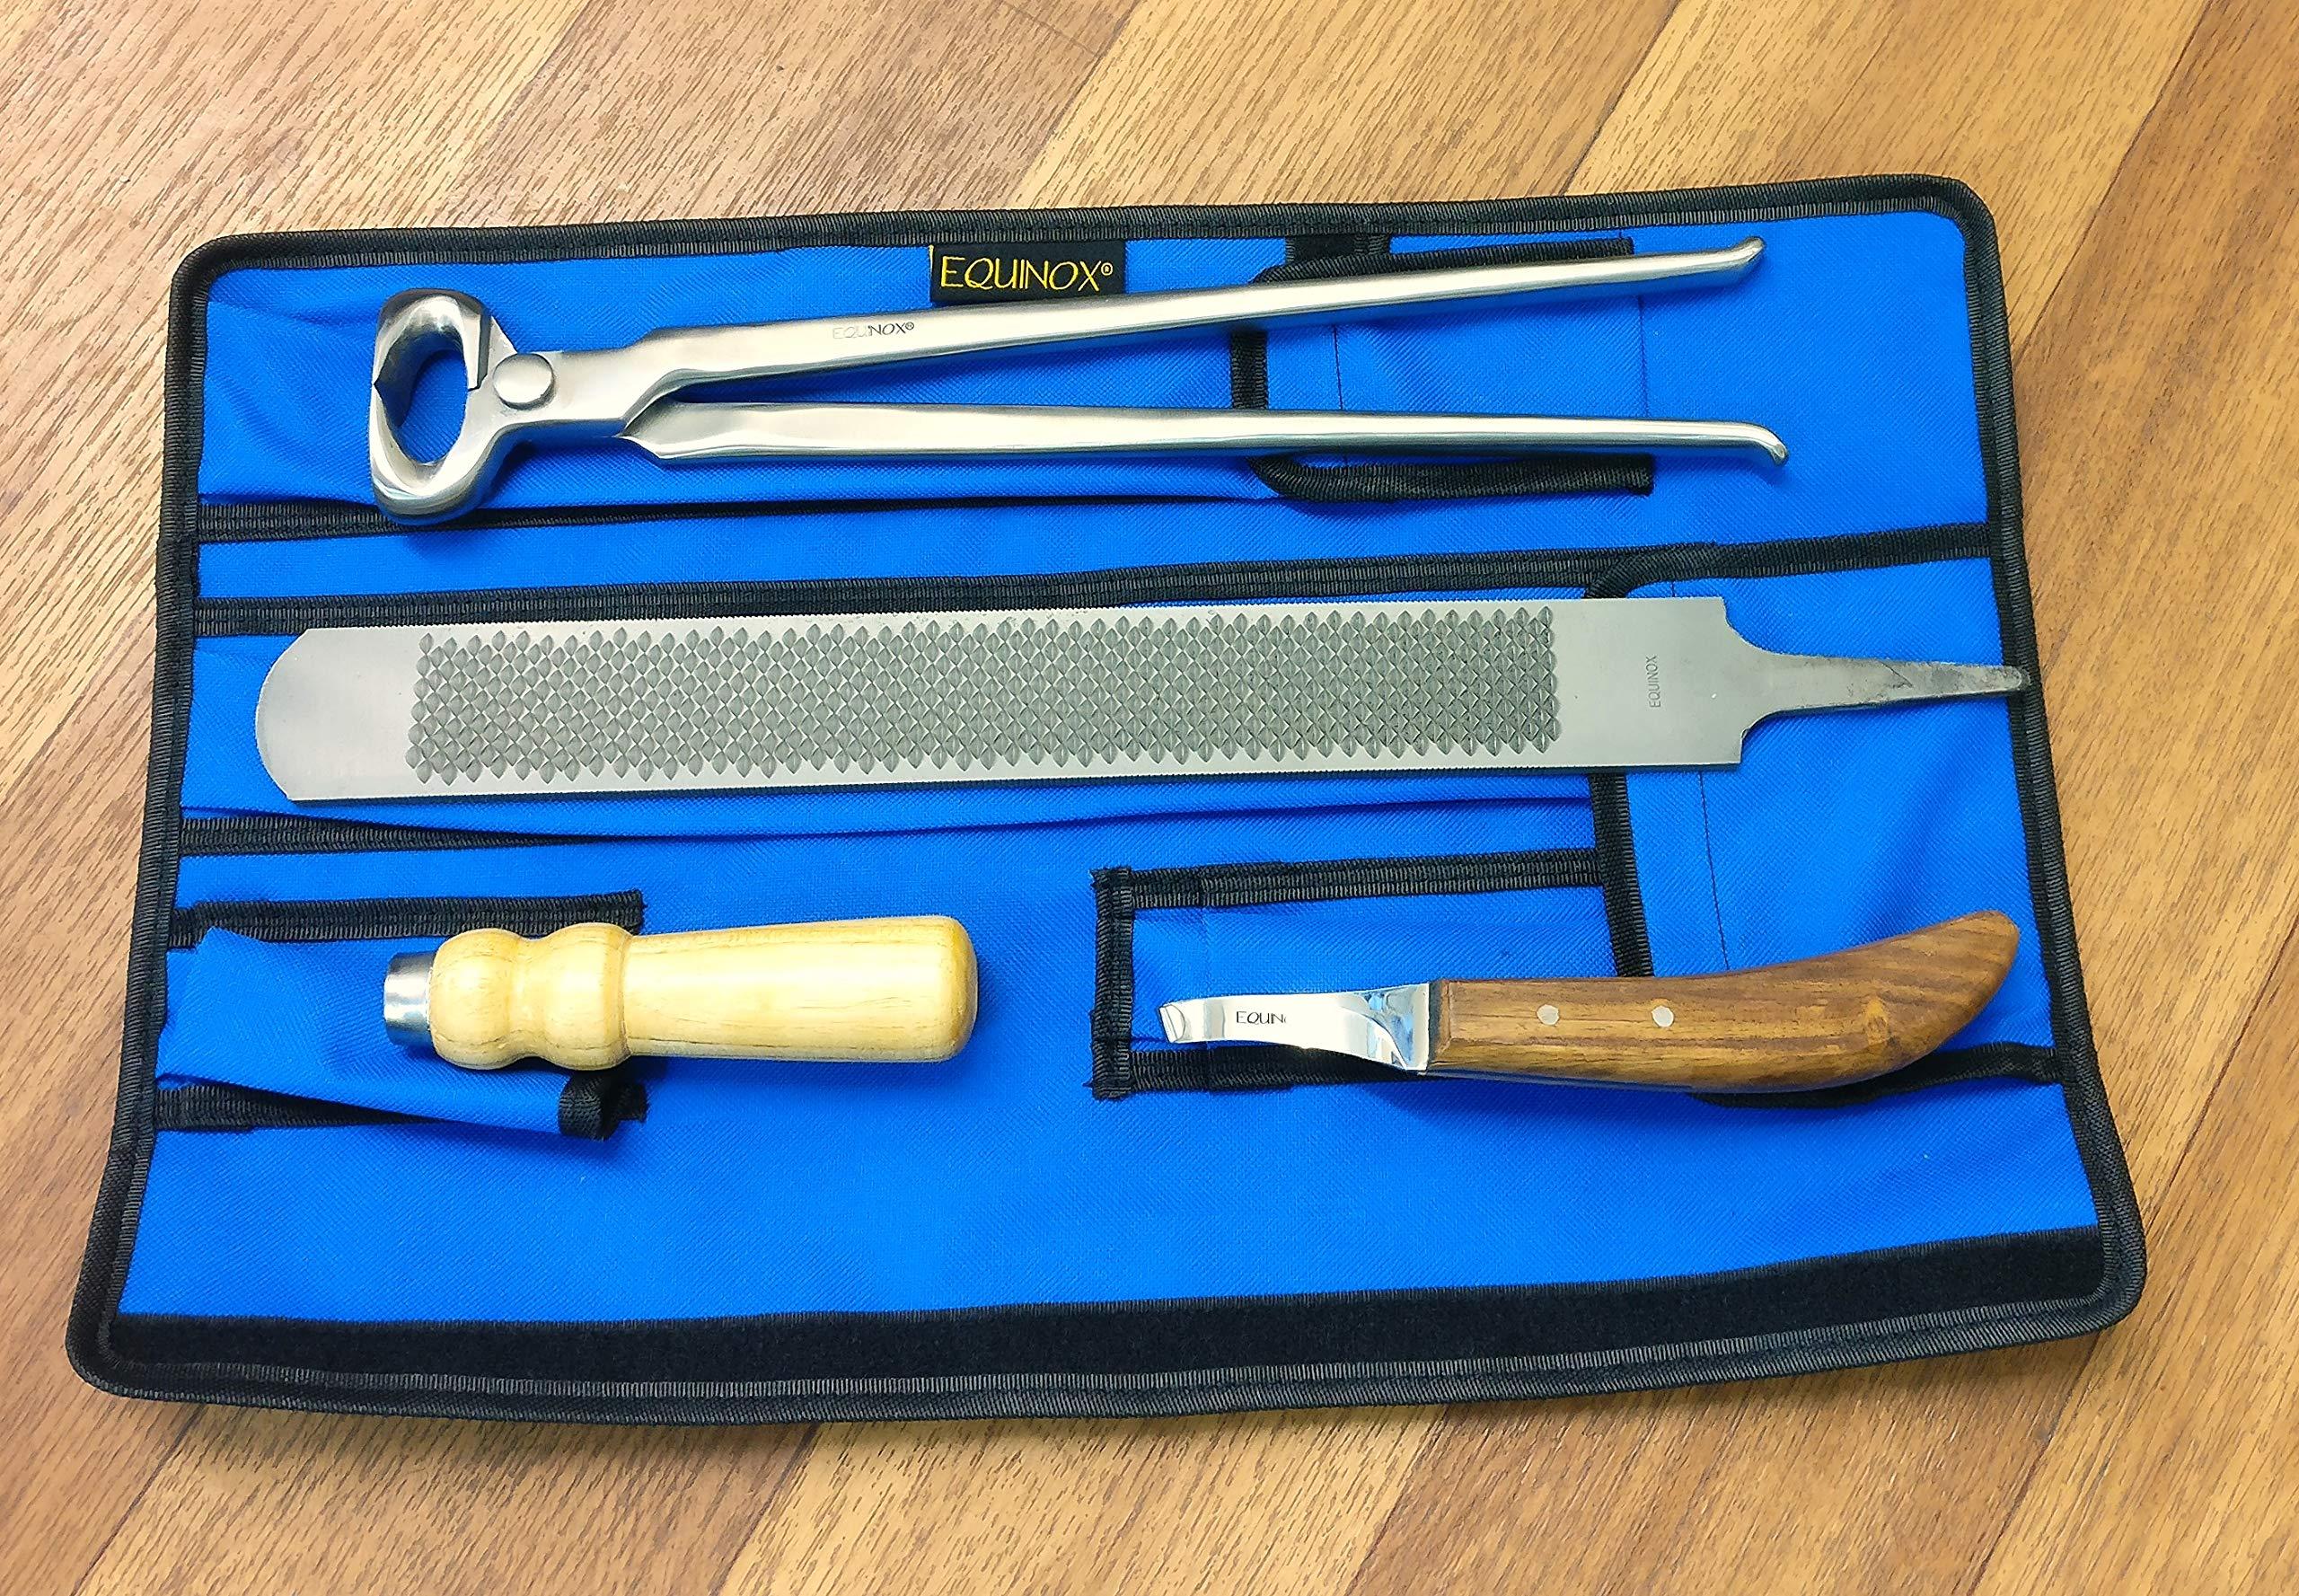 SiS EQUINOX Farrier Tool Kit Hoof Rasp, Hoof Nipper & Knife in a Storage Wallet by SiS EQUINOX (Image #3)